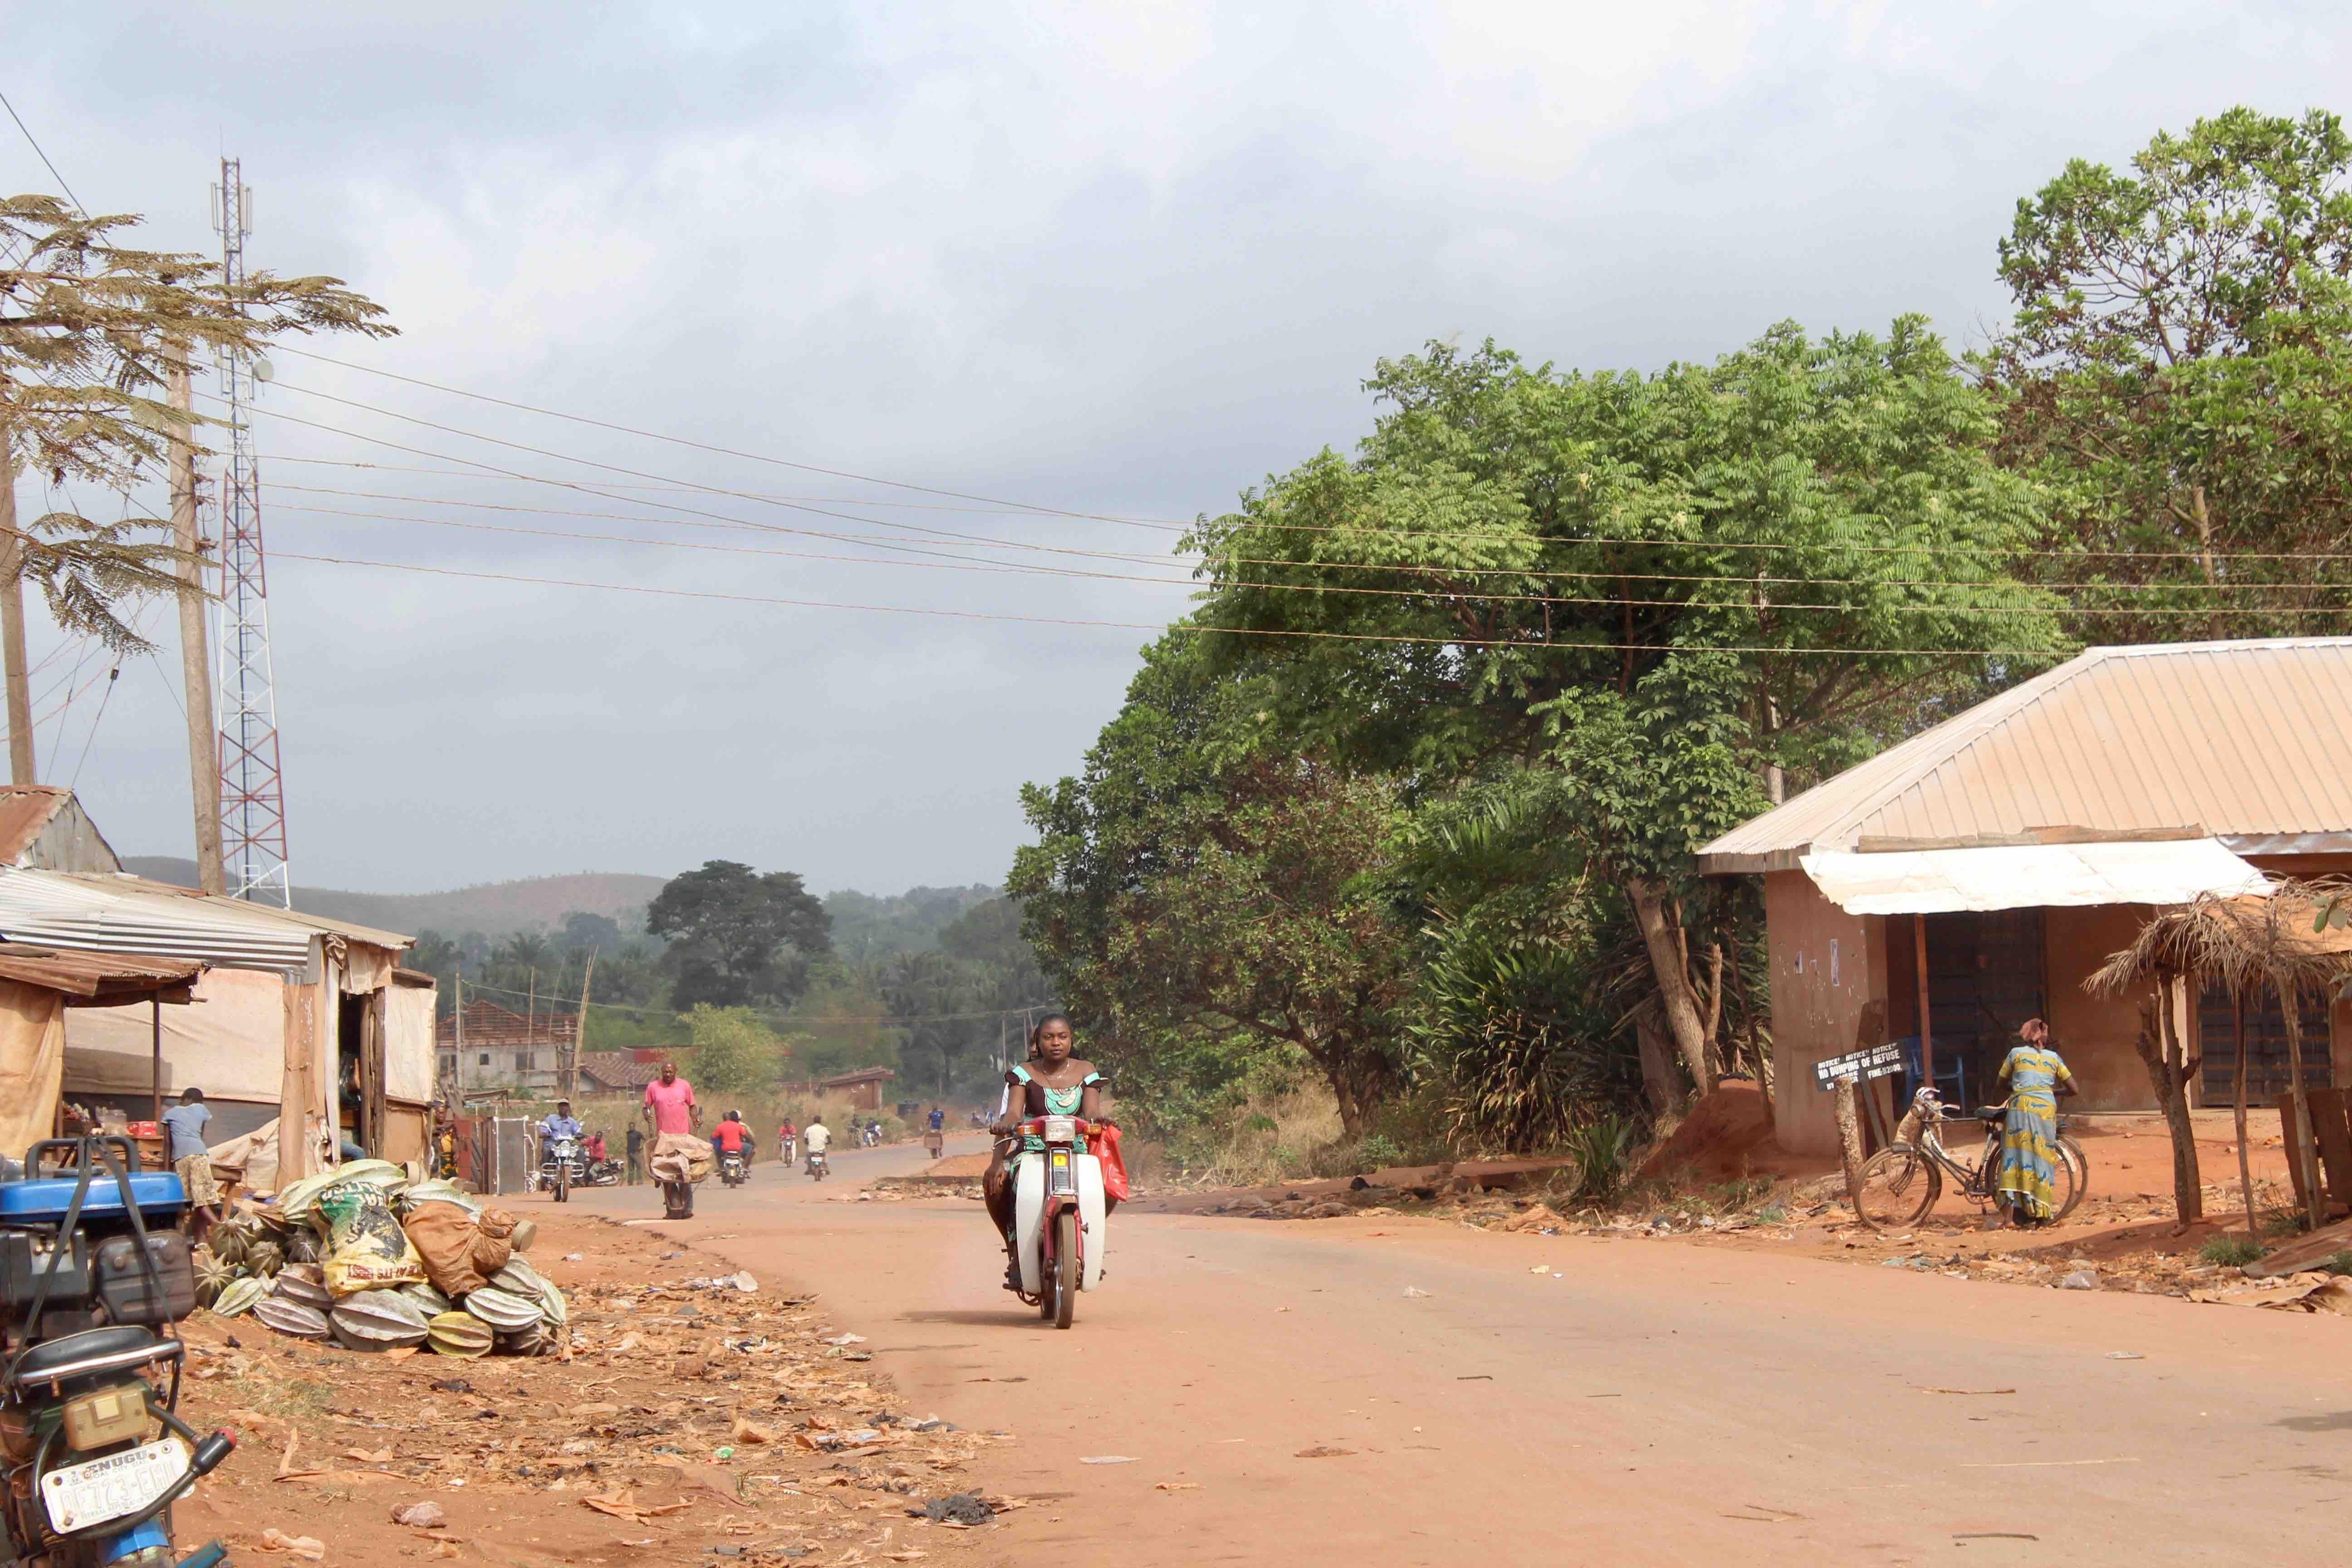 Igbo Women, Motorcycling, Iheaka Village, Enugu State, Nigeria, #JujuFilms